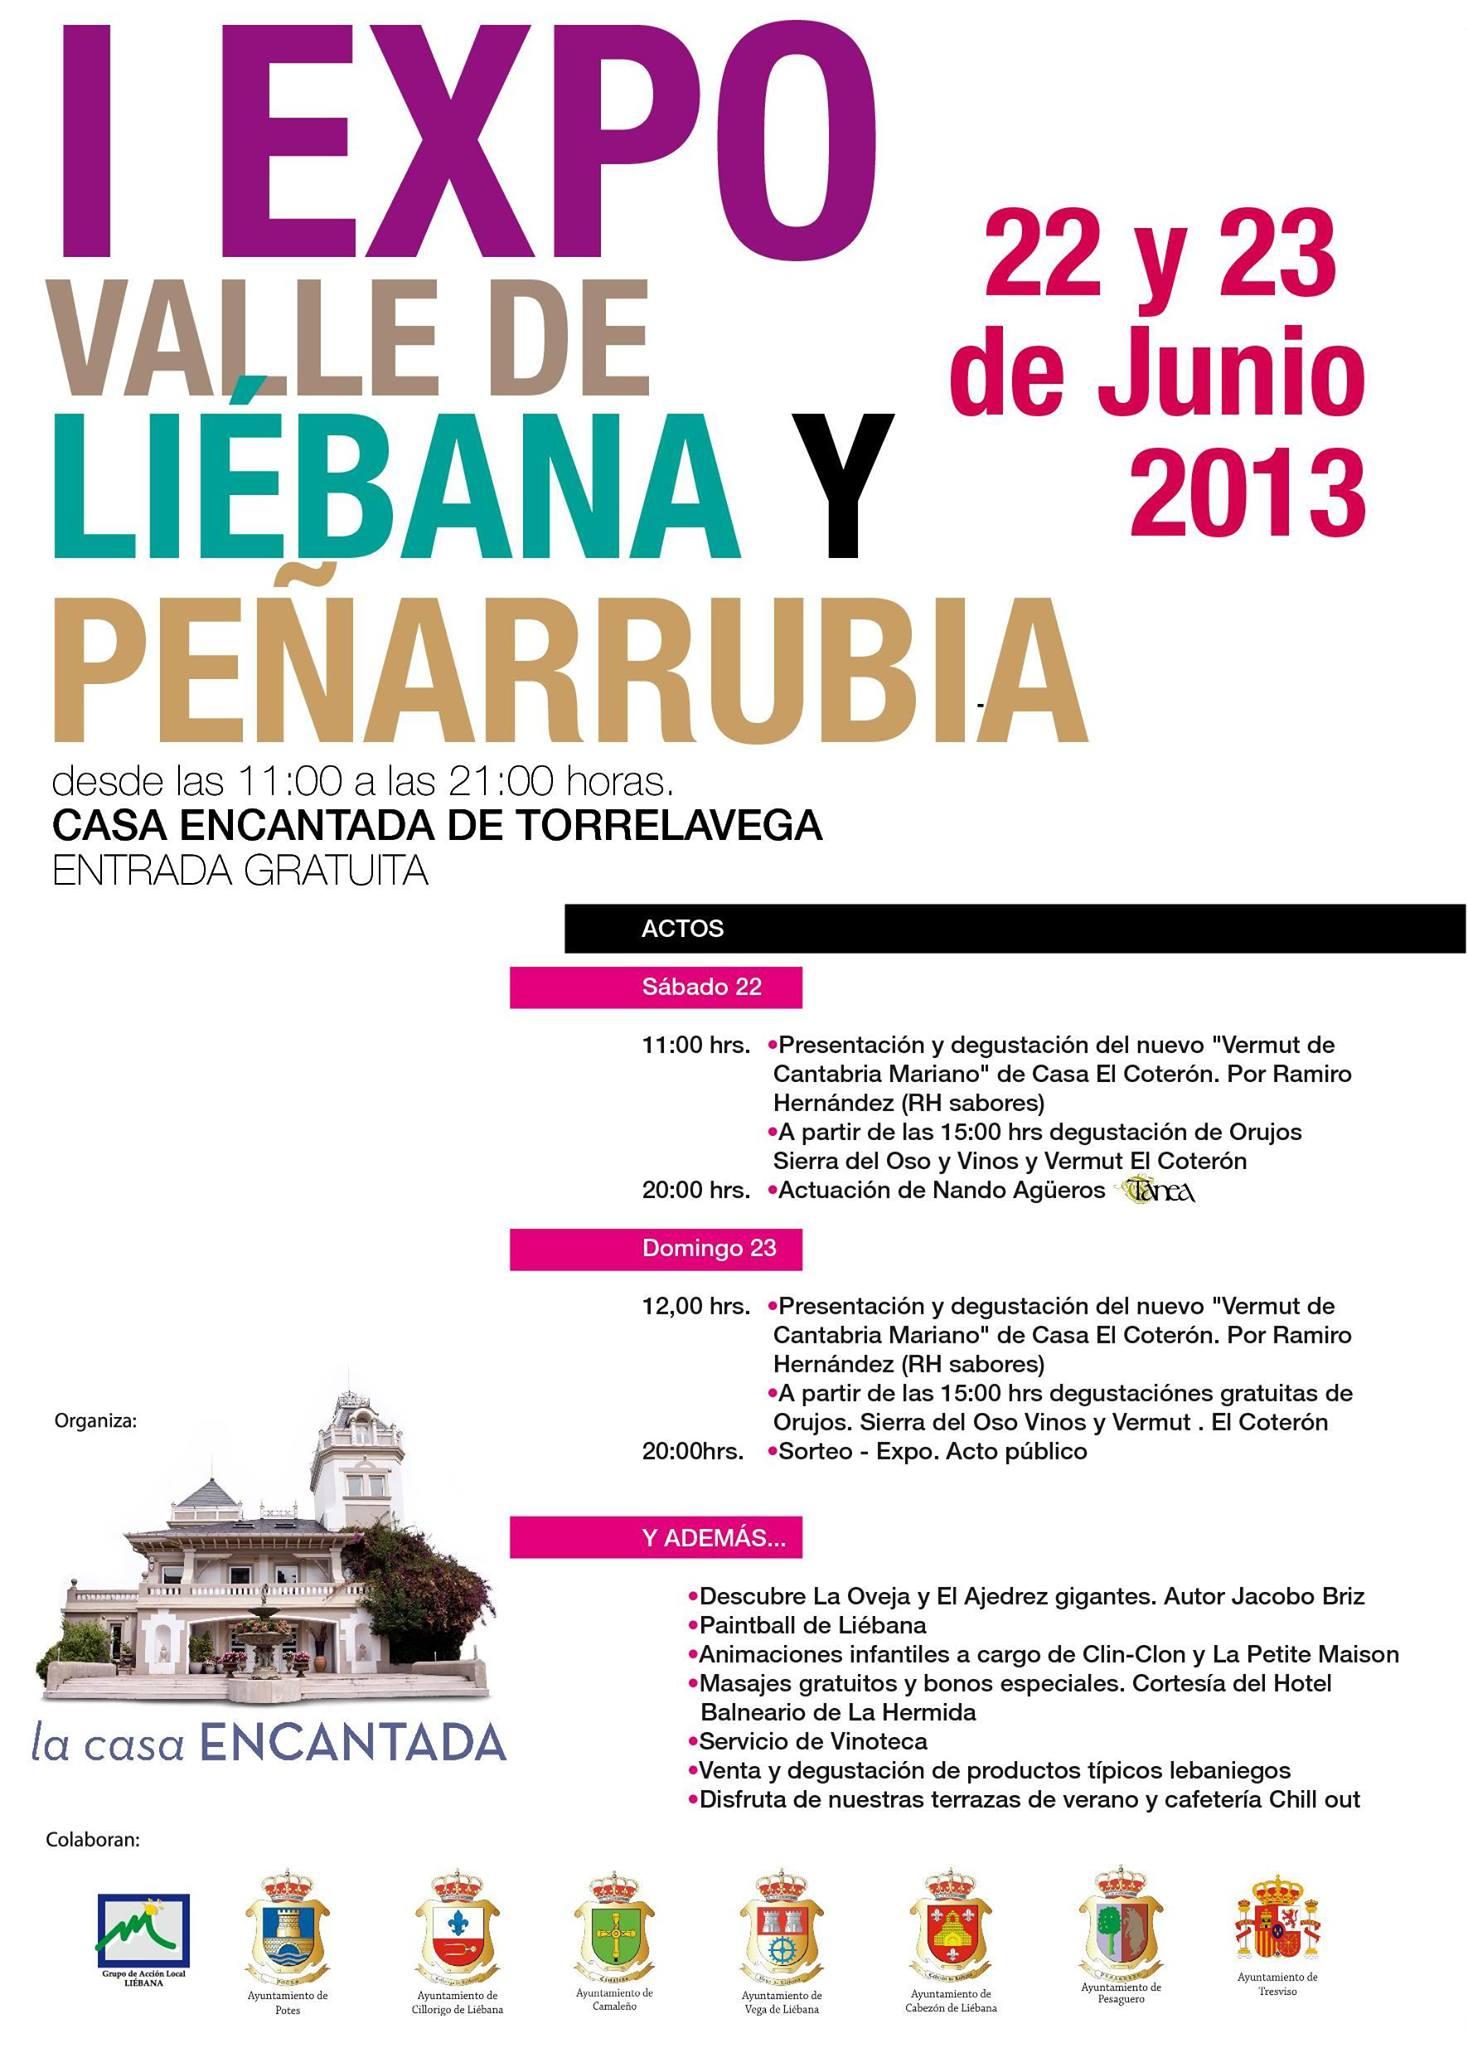 expo_valle_de_liebana_y_peñarrubia_2013